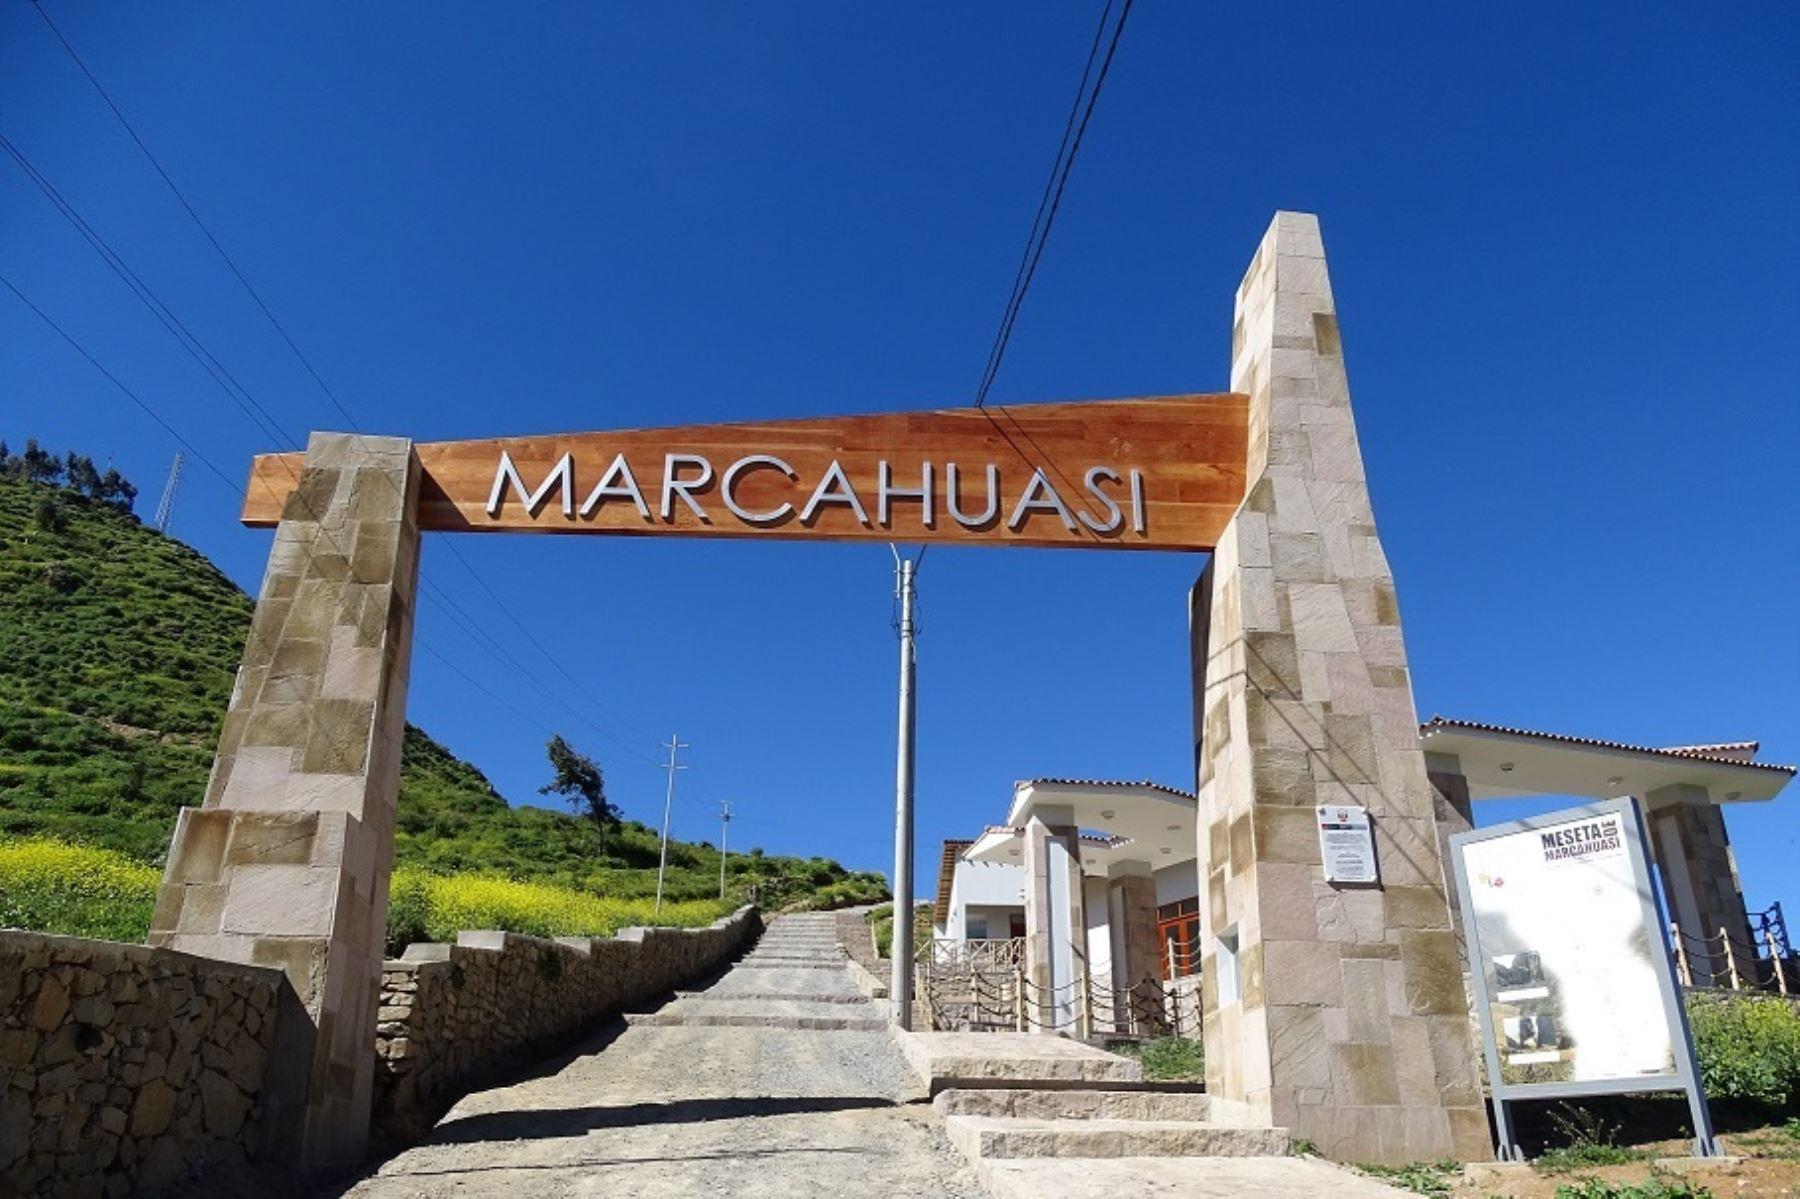 Portal de ingreso a la meseta de Marcahuasi, donde destacan su bosque de piedras con formas de animales y rostros humanos, en la provincia limeña de Huarochirí. ANDINA/Difusión